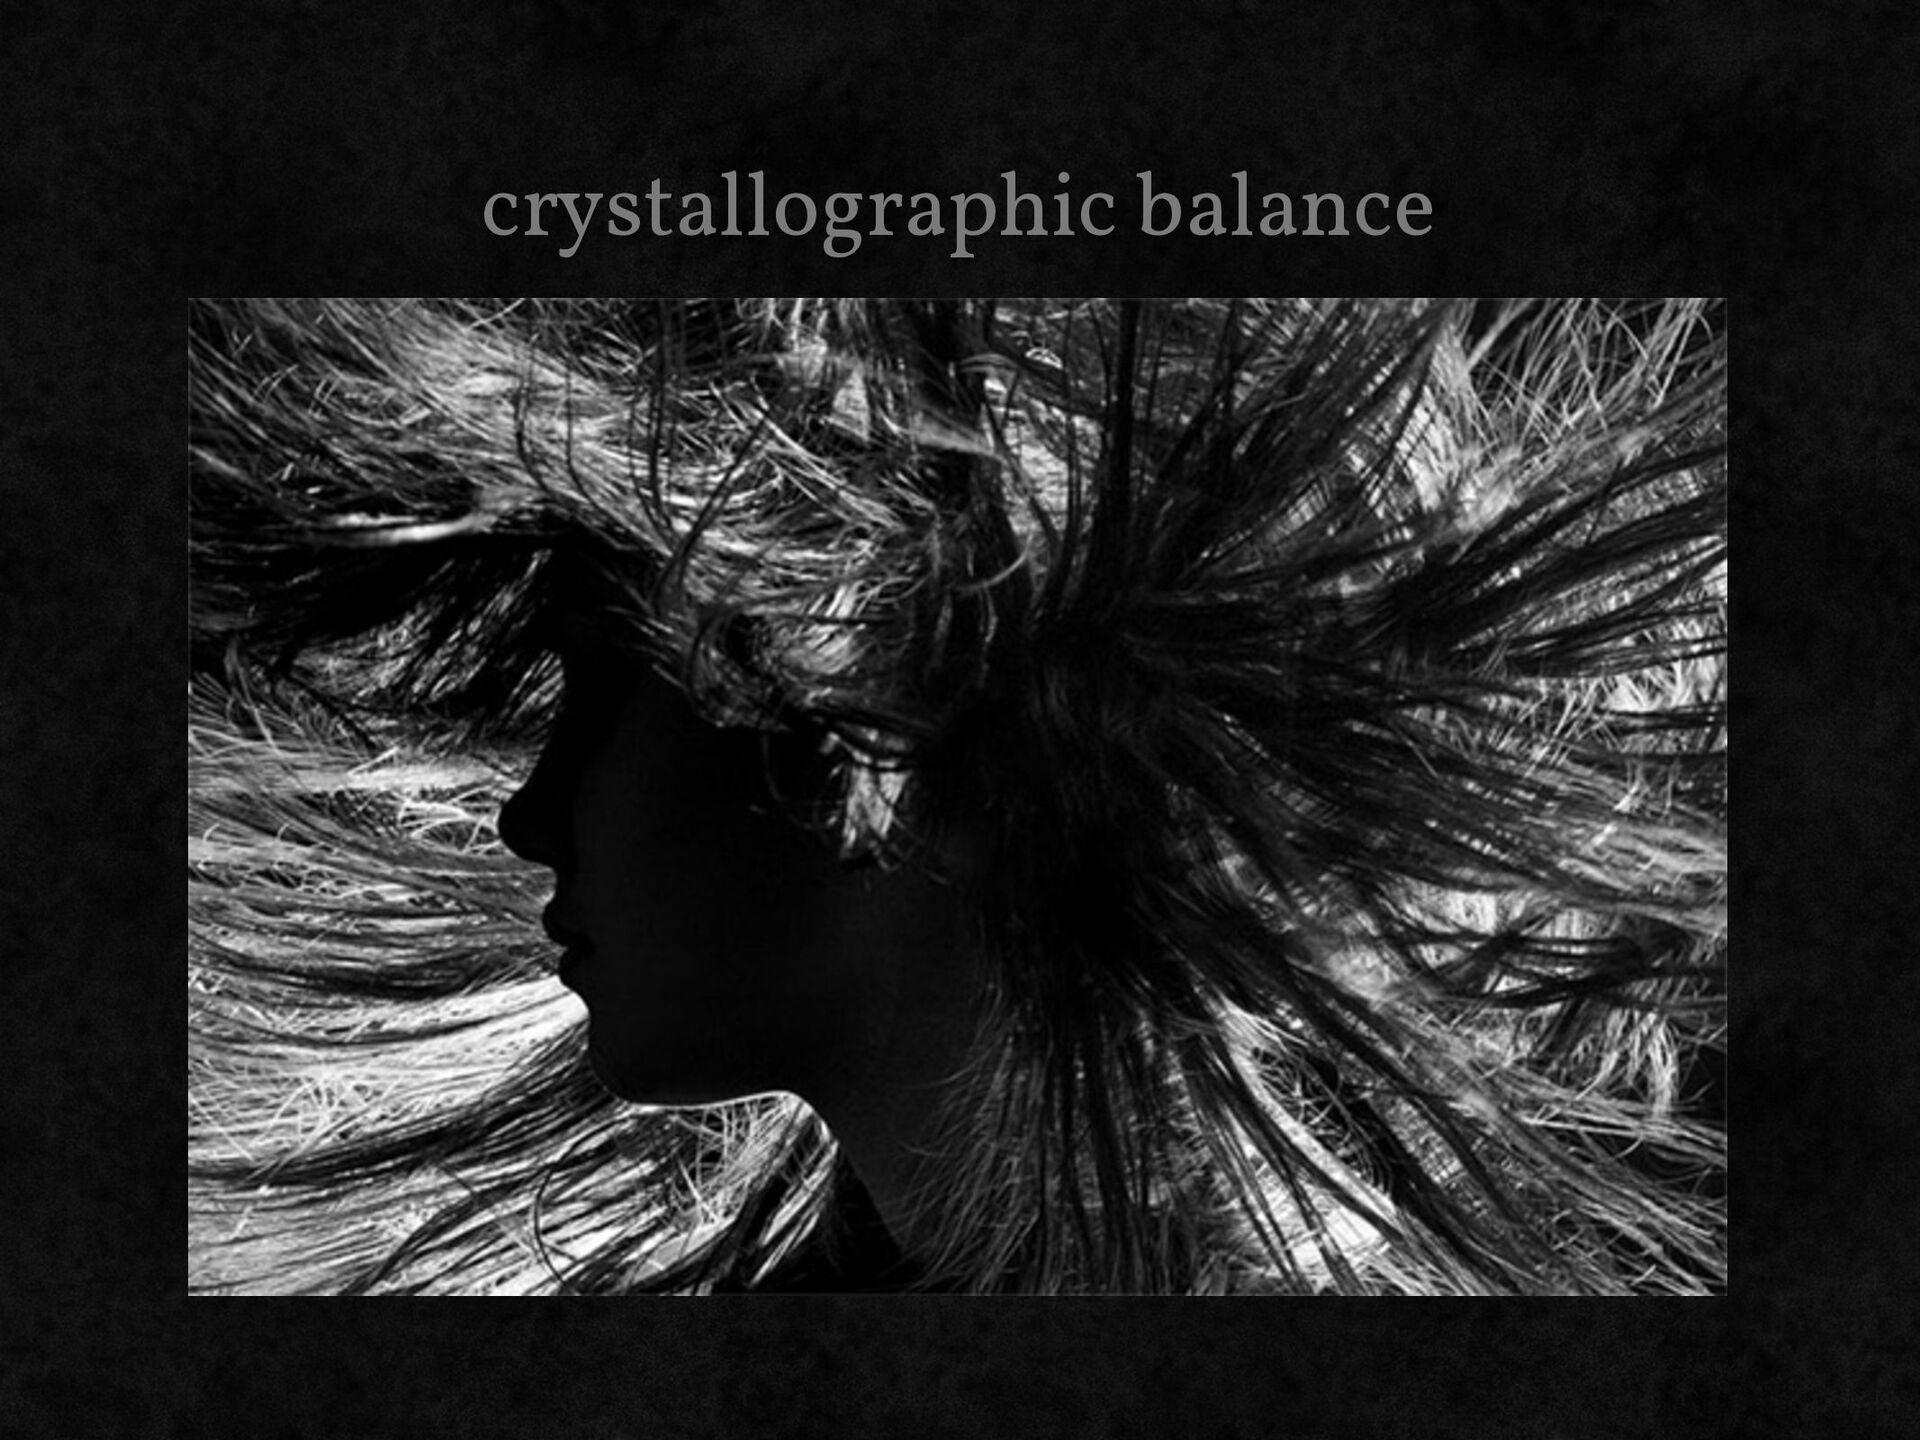 crystallographic balance